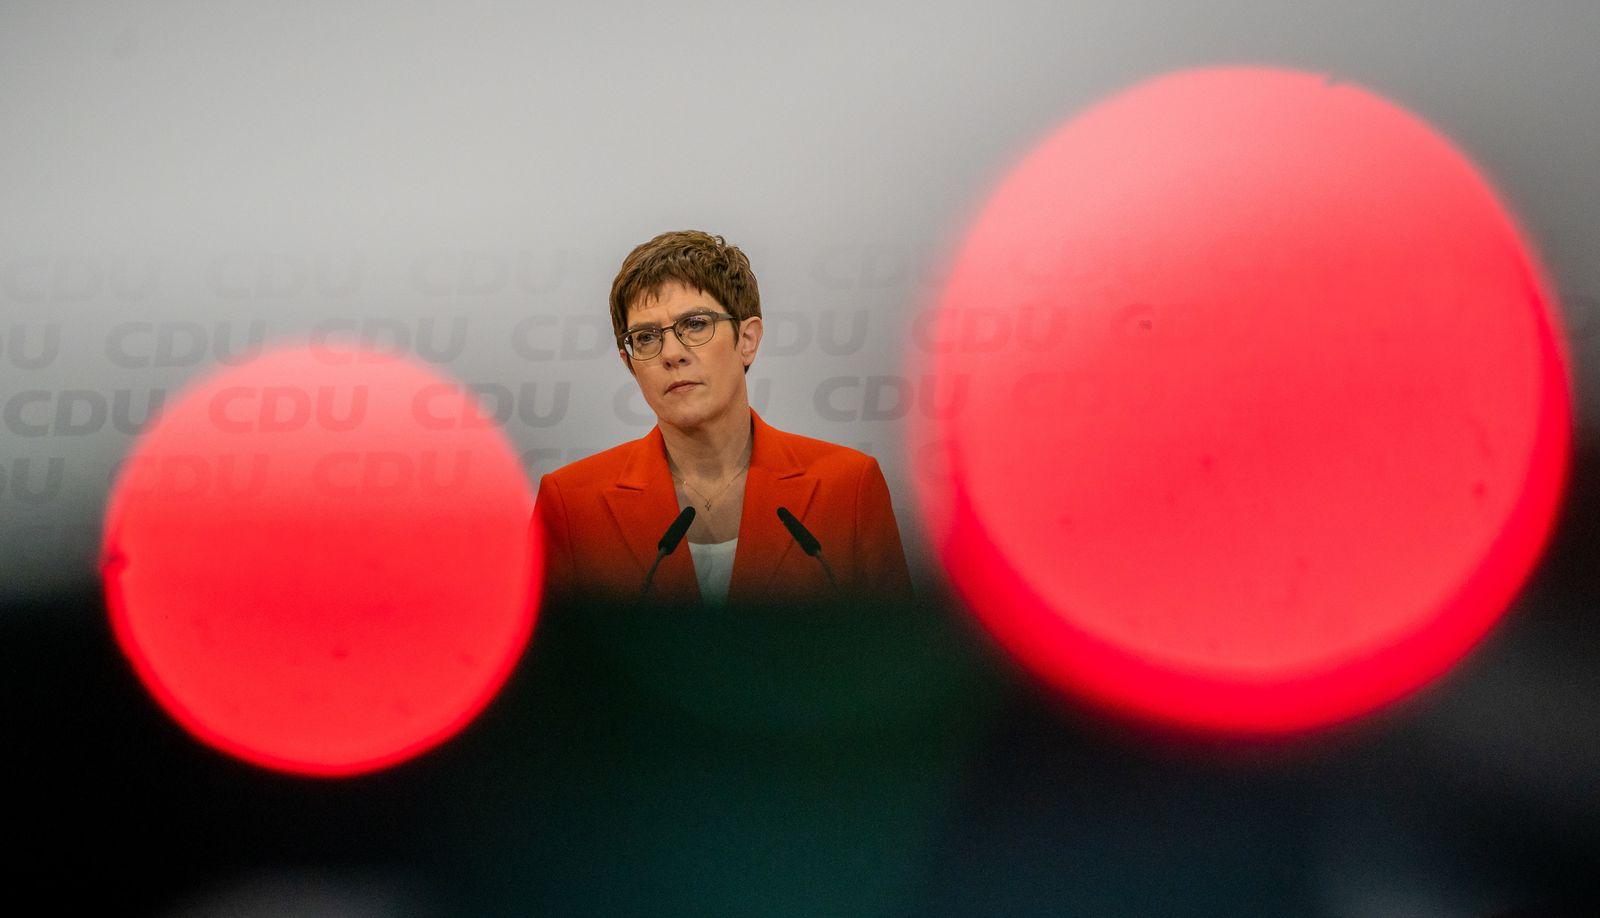 Nach Ministerpräsidentenwahl in Thüringen- CDU